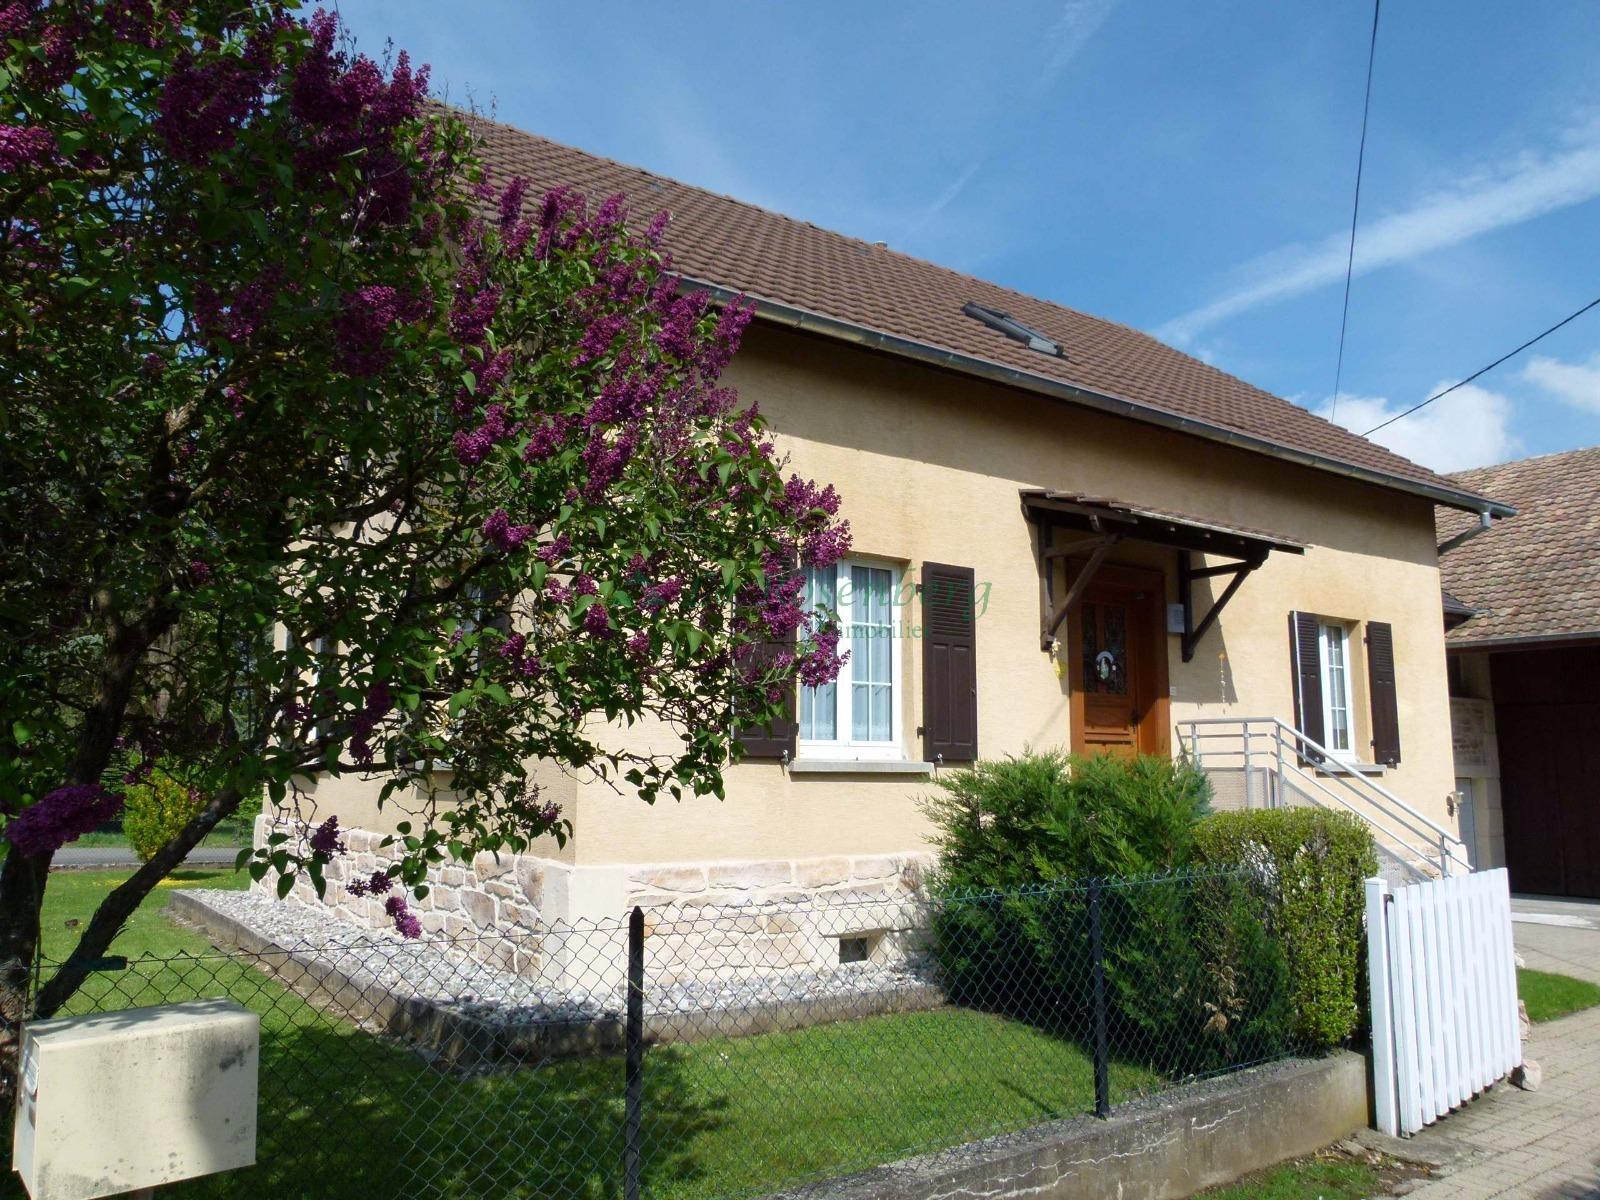 Annonce location maison vieux ferrette 68480 130 m for Annonce maison a louer